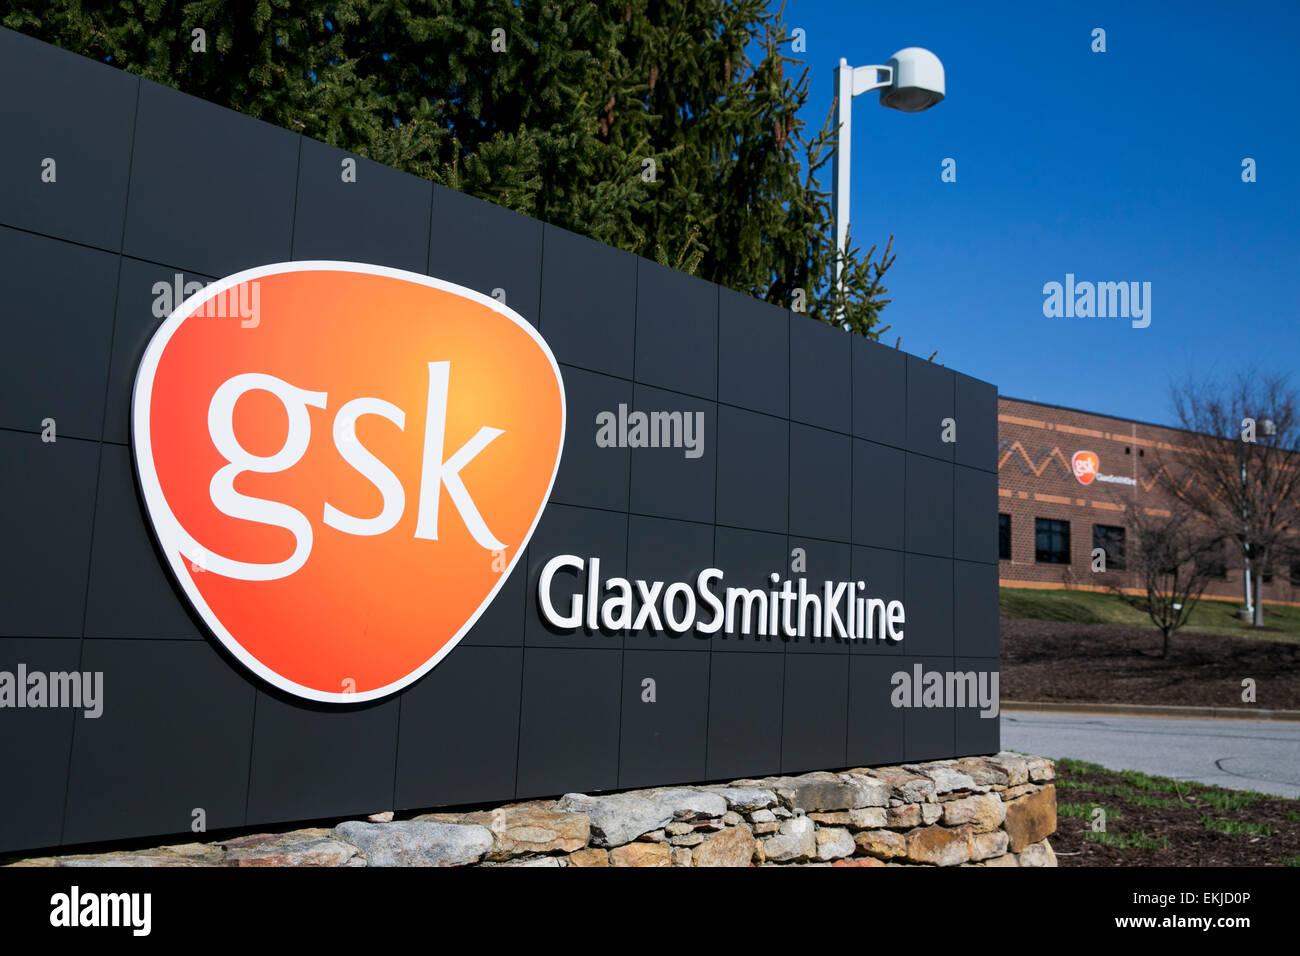 Une installation exploitée par la société pharmaceutique GlaxoSmithKline. Photo Stock